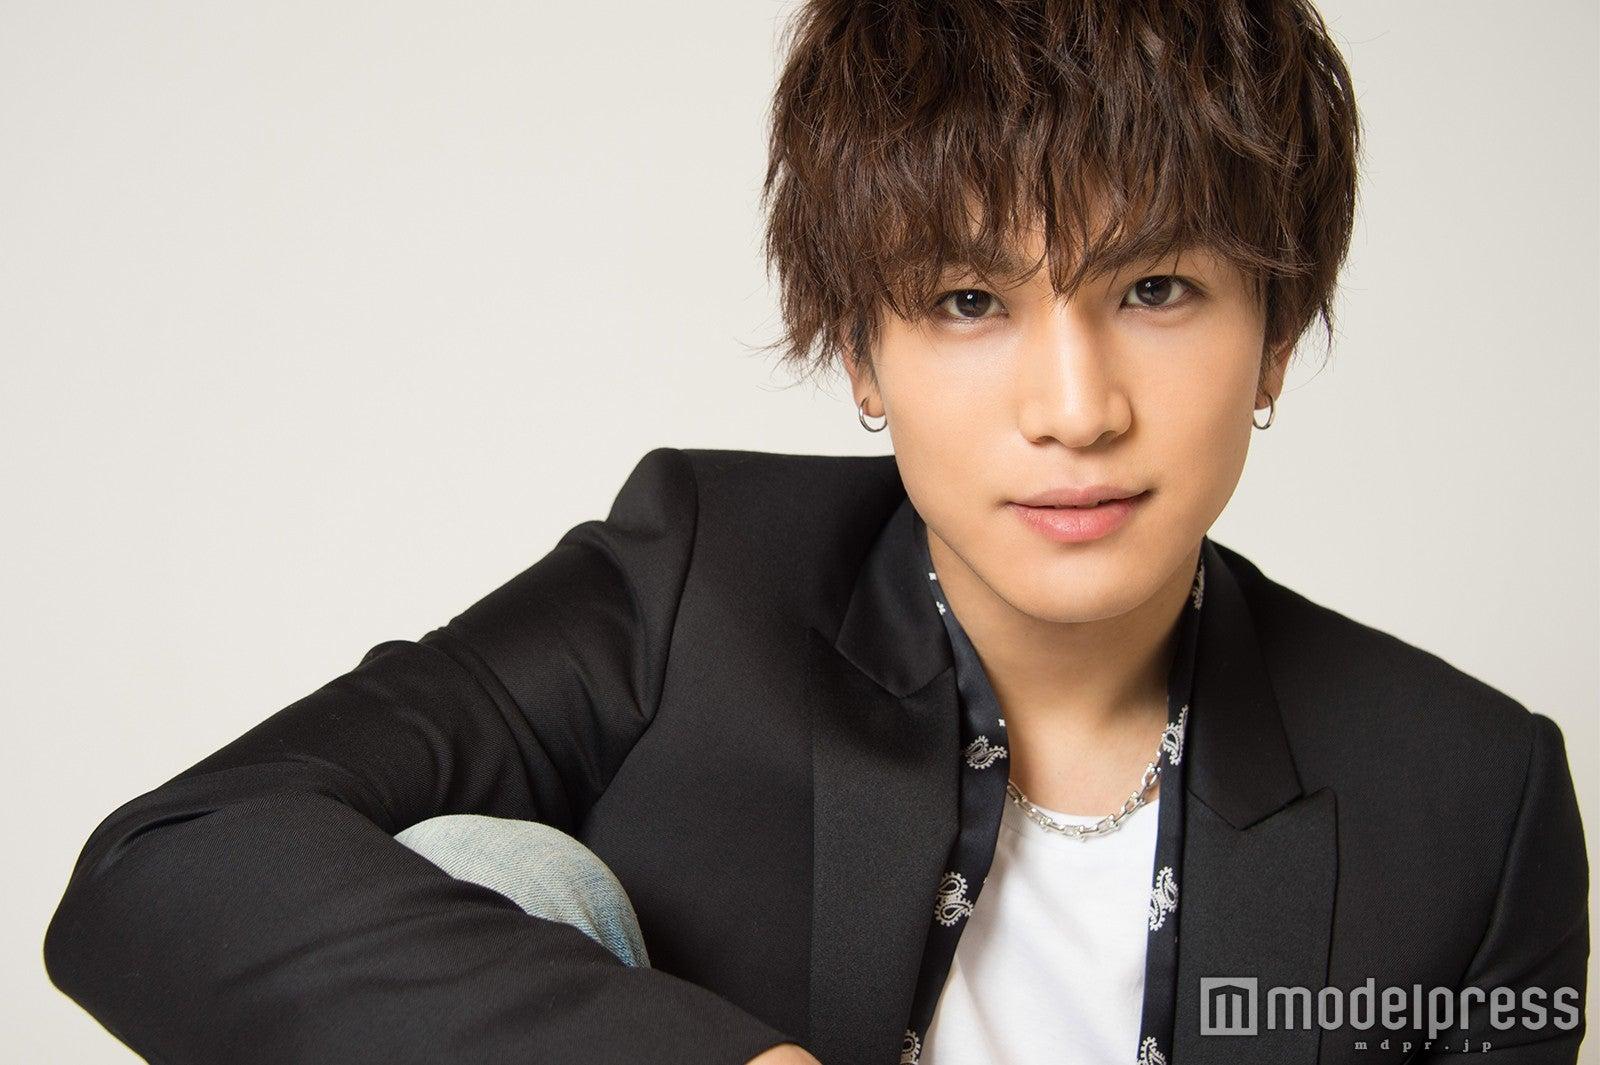 モデルプレスのインタビューに応じた岩田剛典(C)モデルプレス